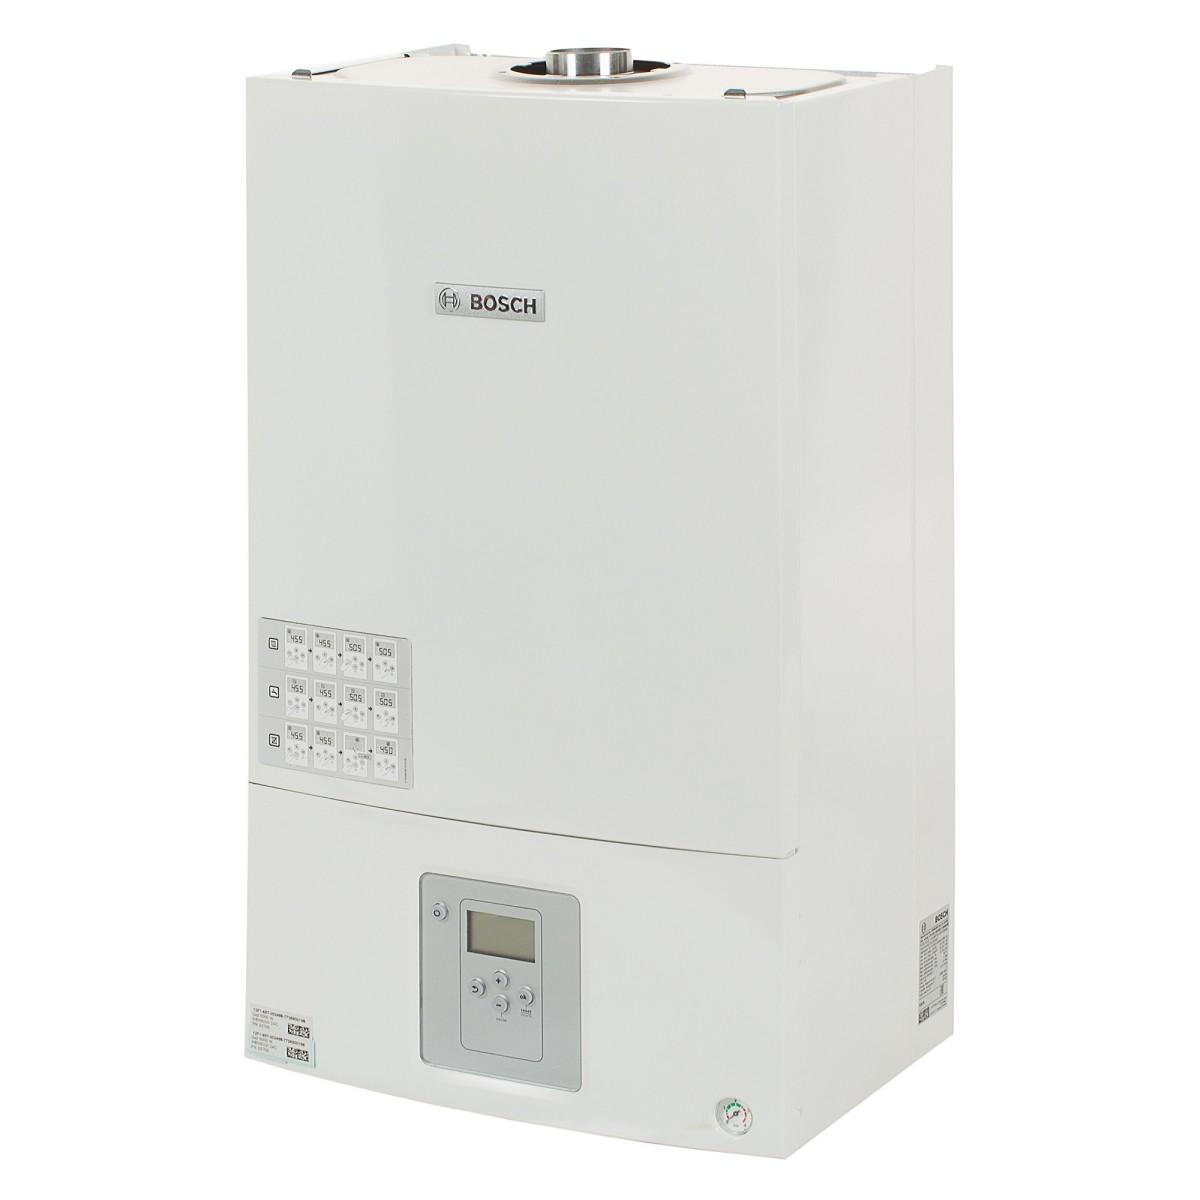 Котёл газовый ОКС WBN 6000-24C Bosch 24 кВт